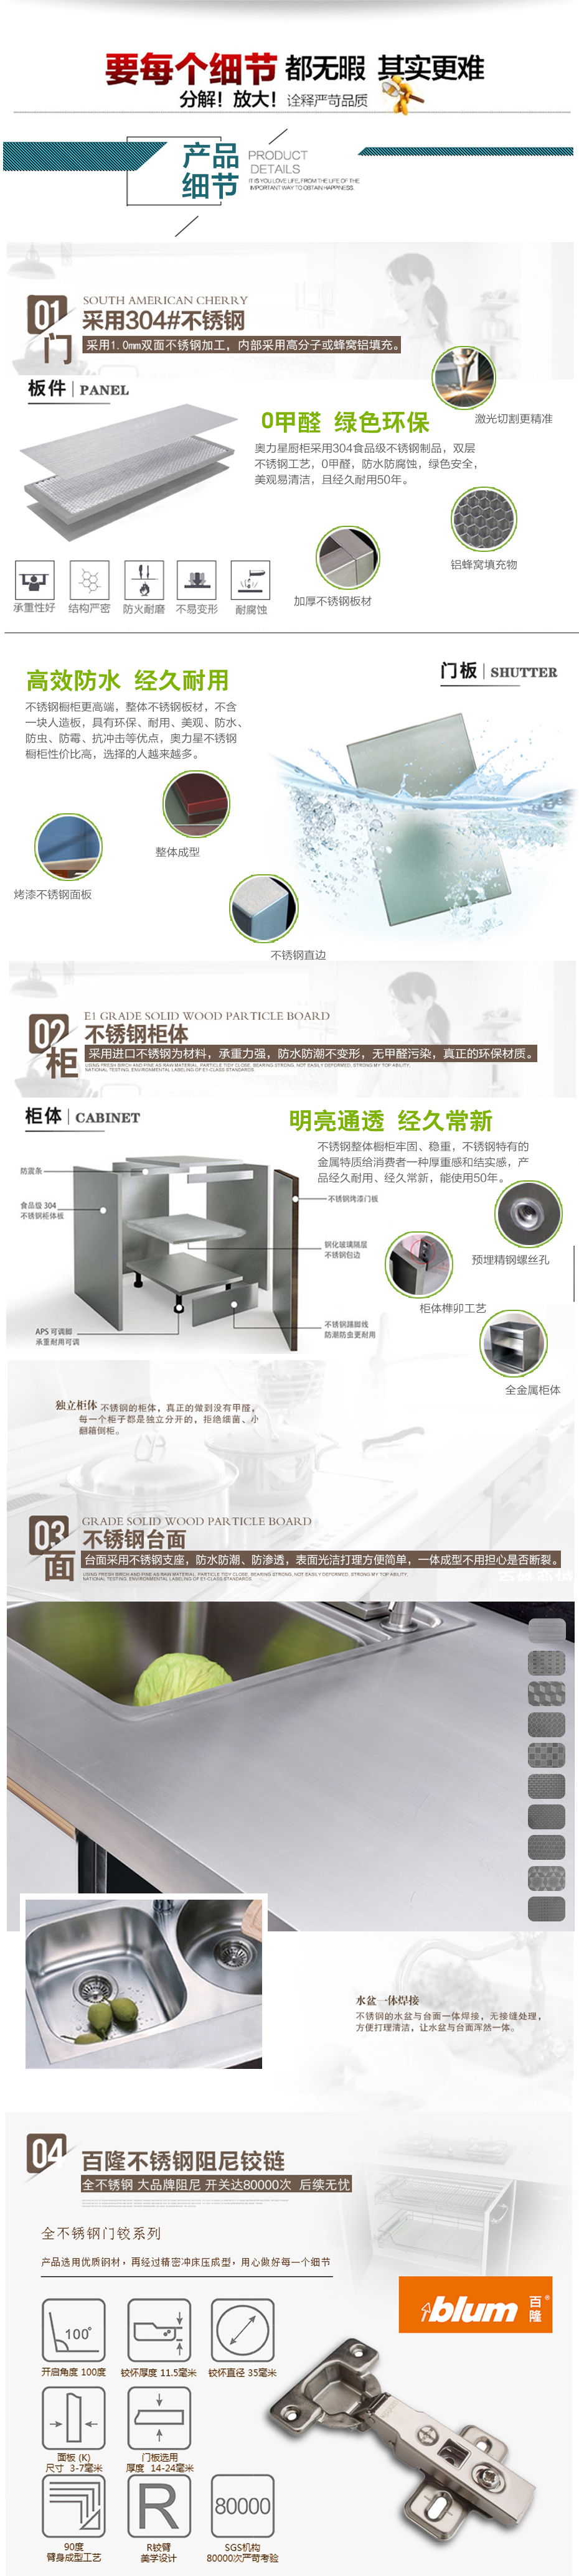 不锈钢 厨柜的具体产品细节